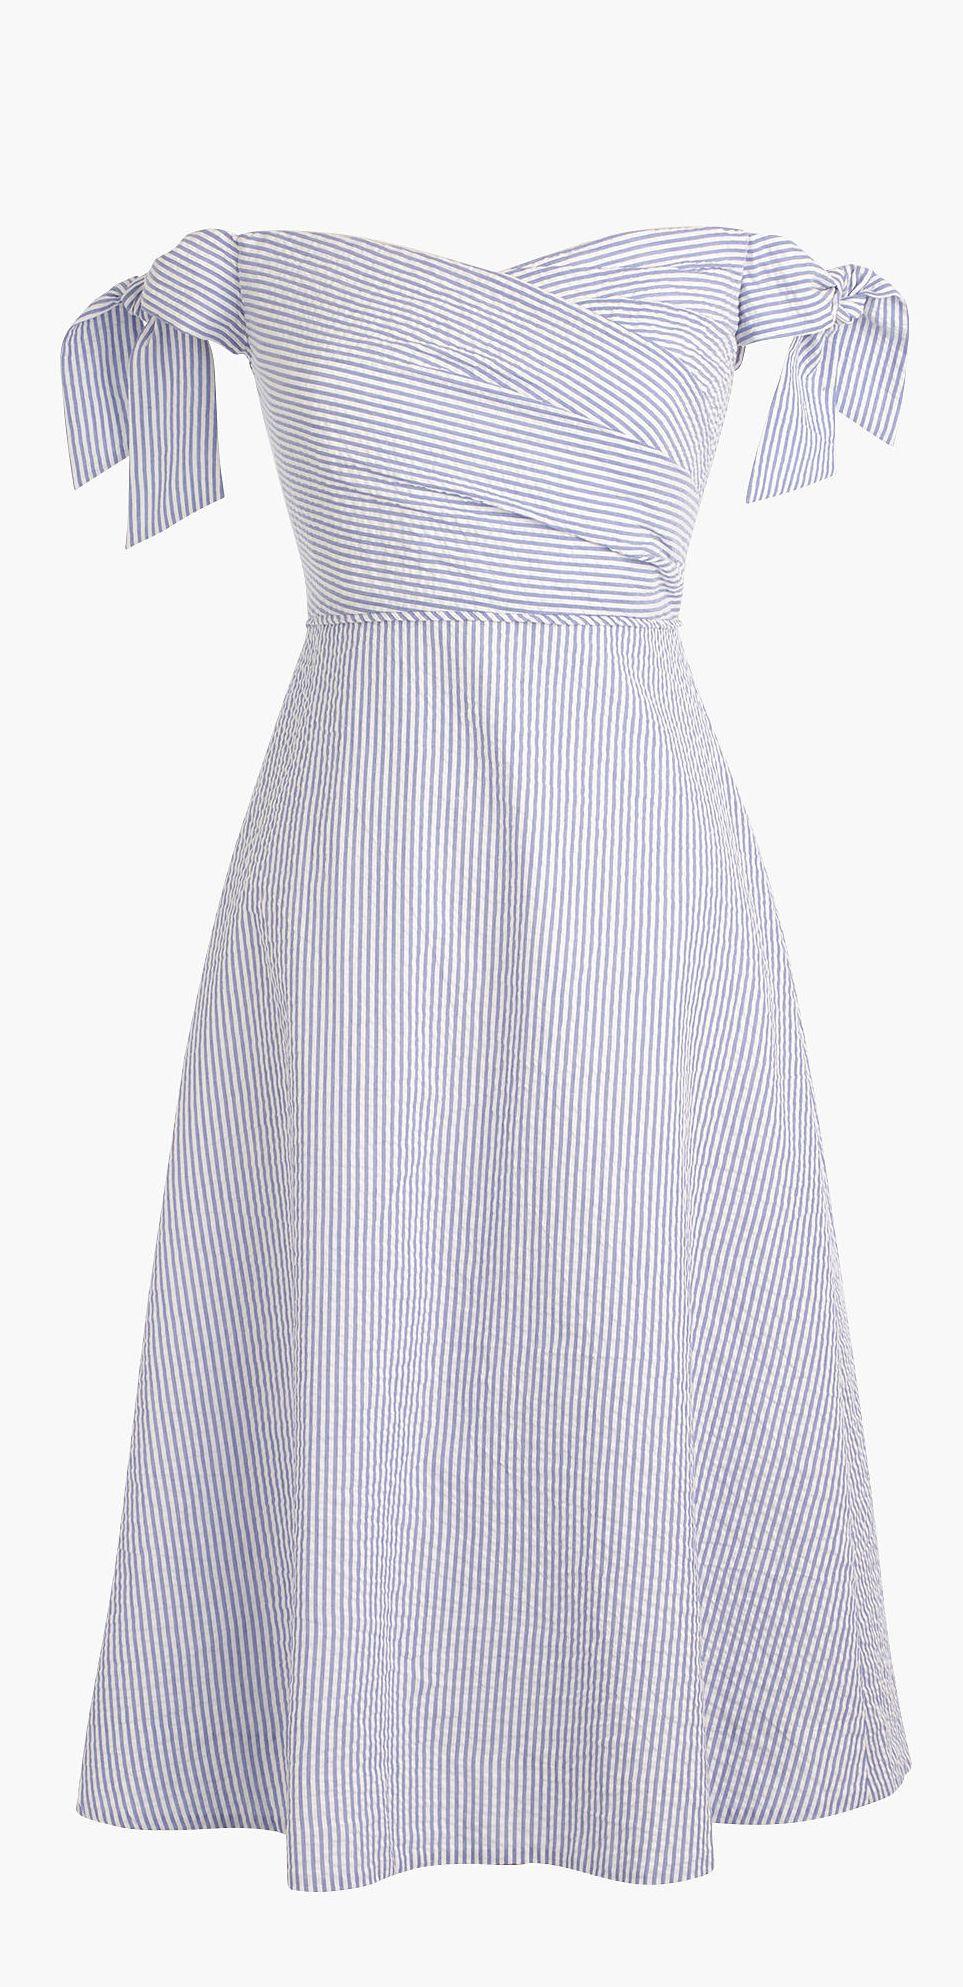 6f83ea3c621 Picnic seersucker dress